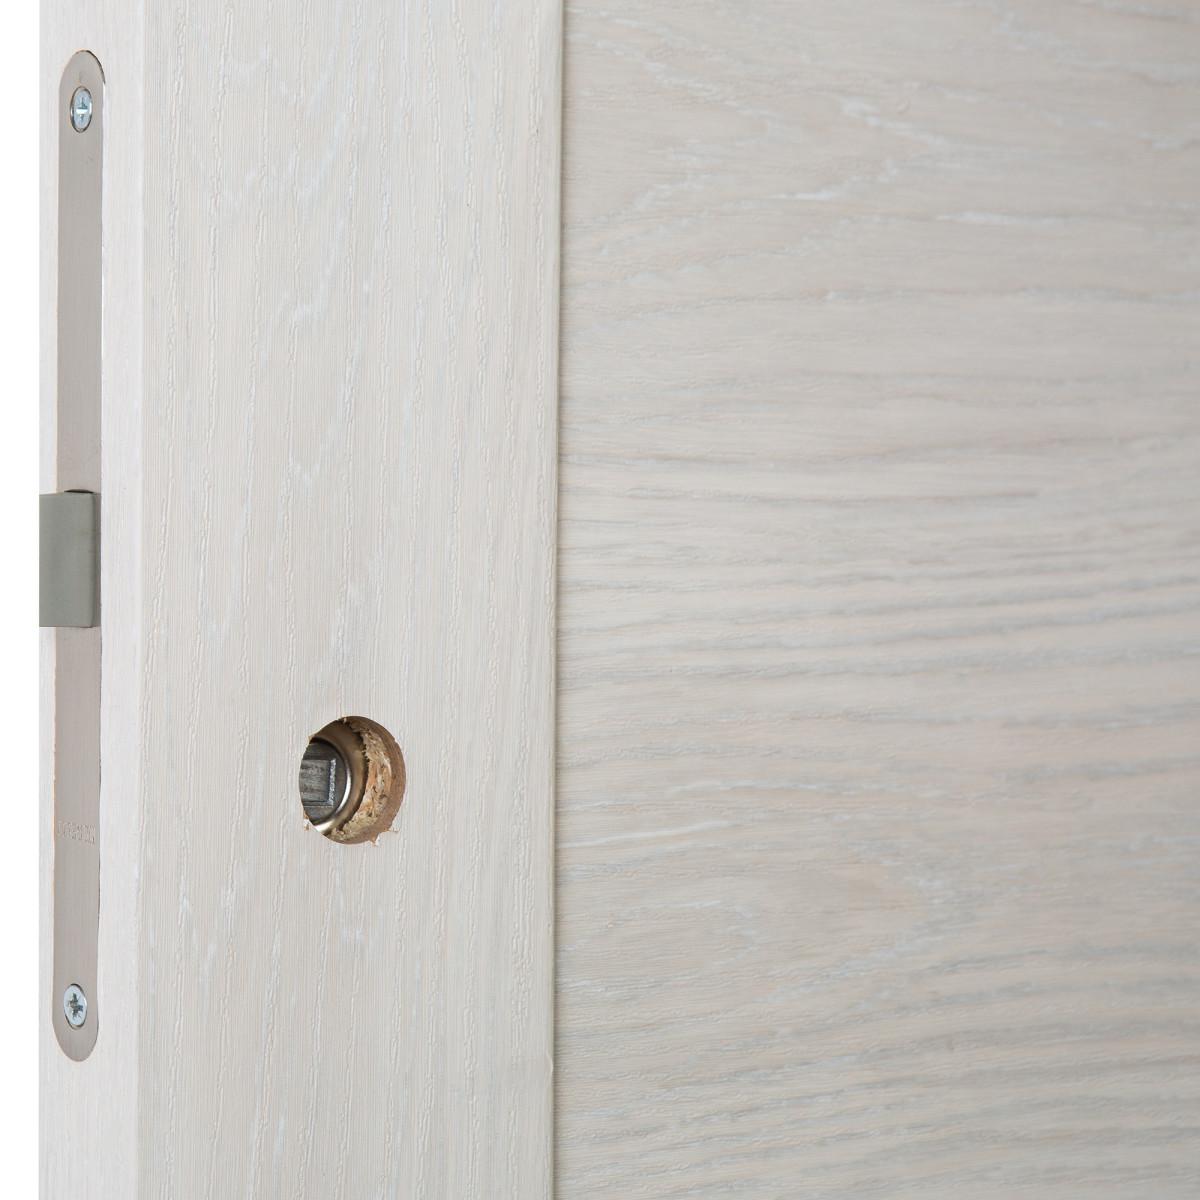 Дверь Межкомнатная Глухая С Замком В Комплекте Квадро 70x200 Пвх Цвет Шале Капучино